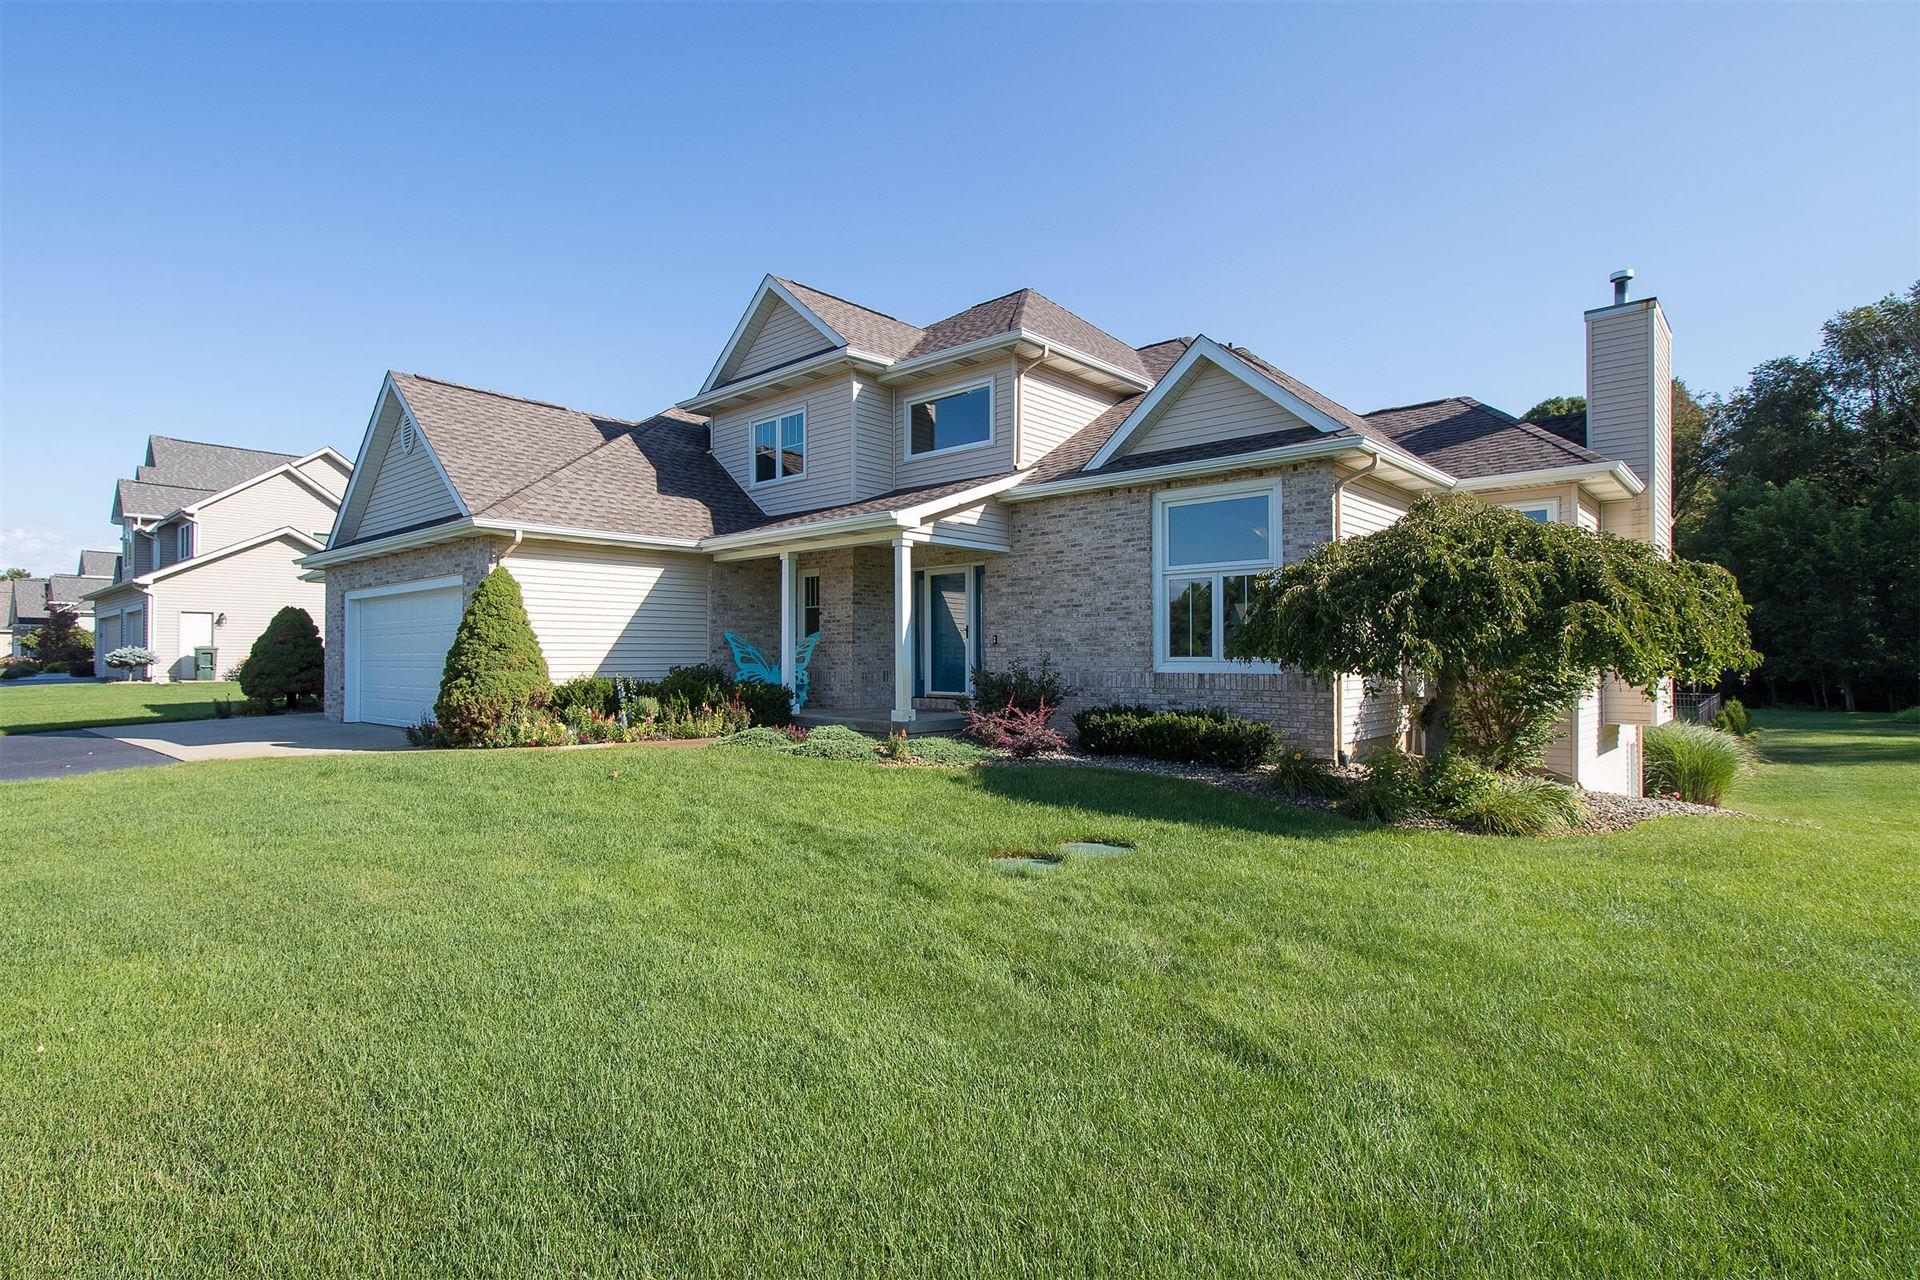 151 Turnberry Lane, Battle Creek, MI 49015 - MLS#: 21103087